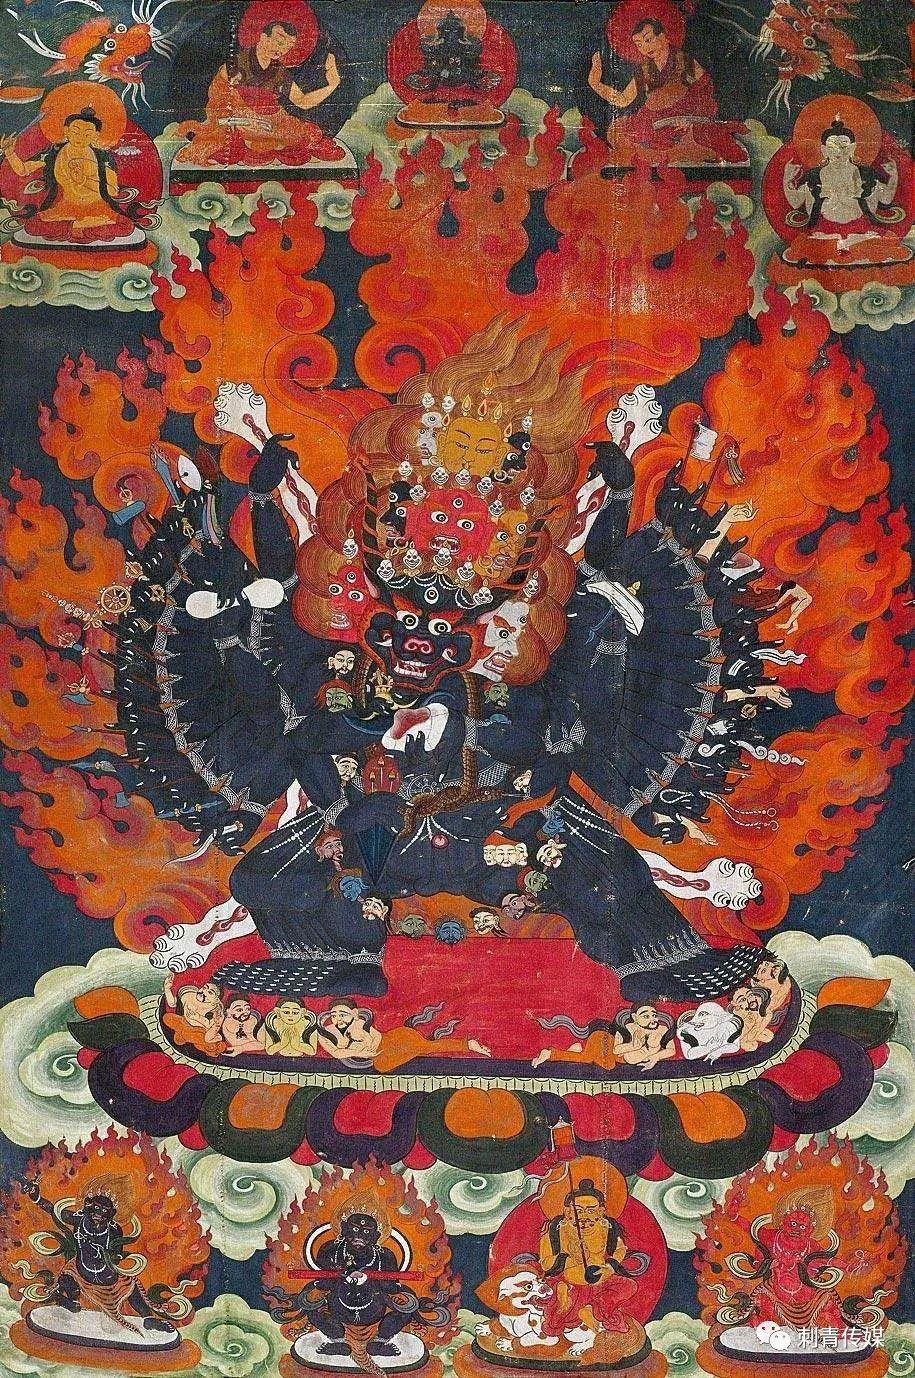 佛教四大护法八大金刚